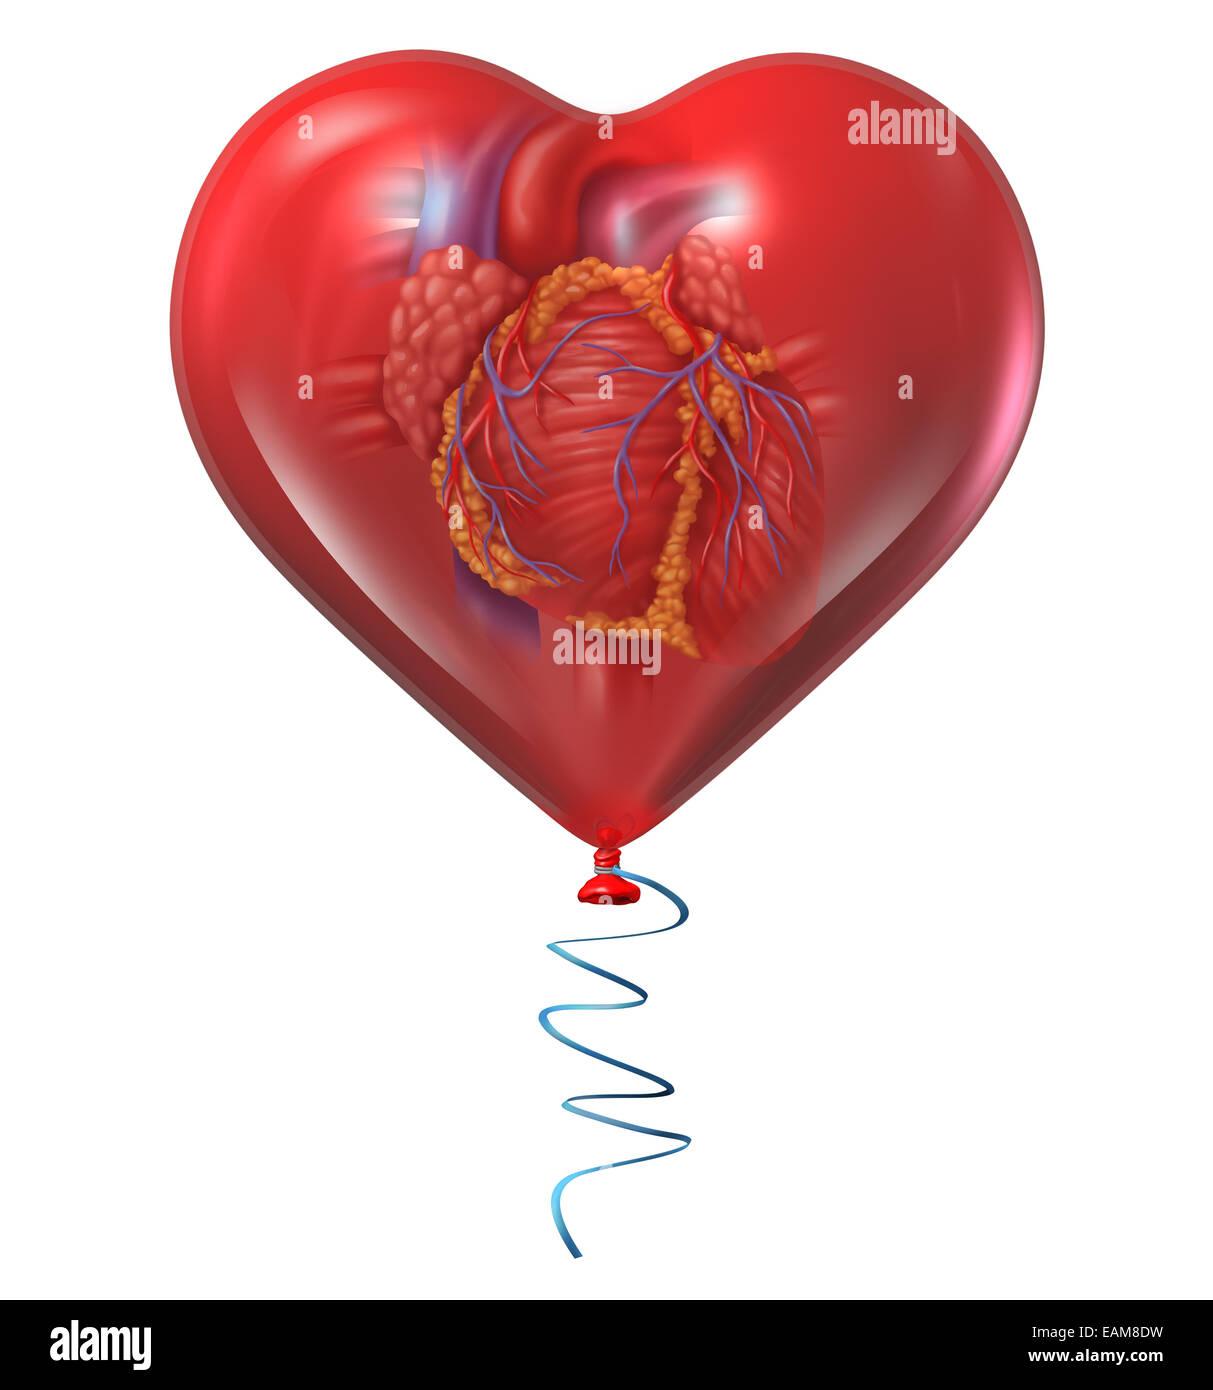 La salute del cuore del concetto e simbolo di medici con un essere umano organo anatomico all'interno di un Immagini Stock